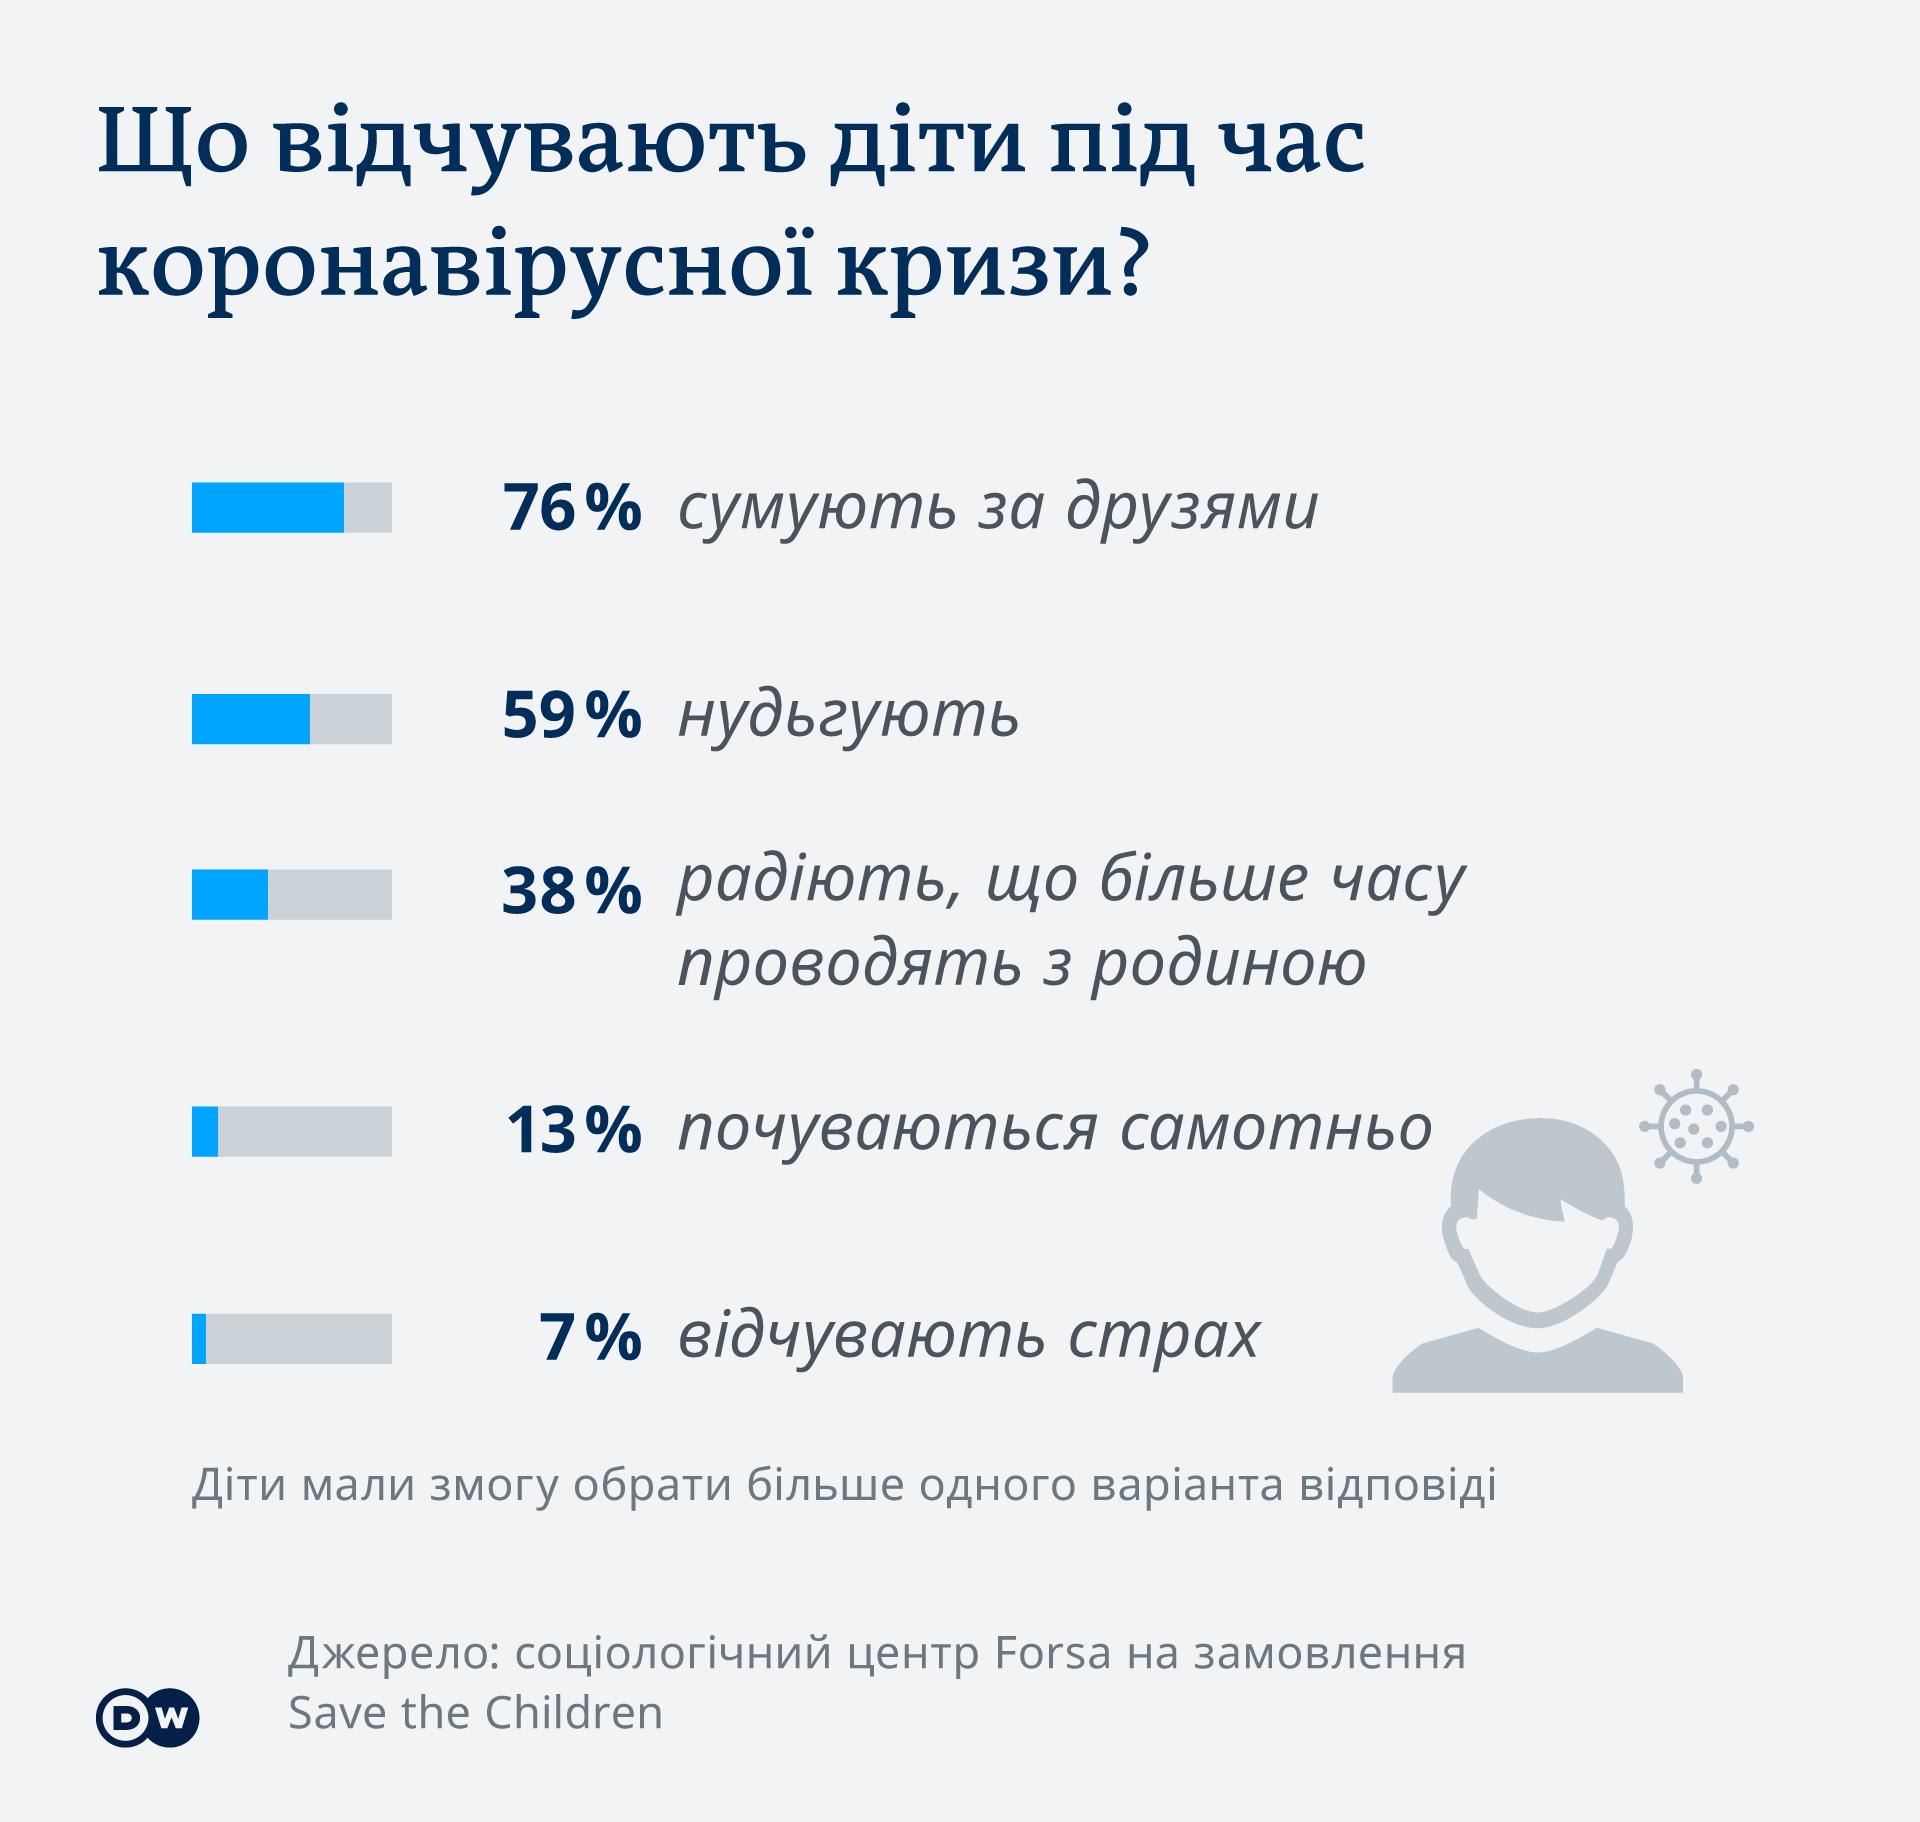 Що відчувають діти під час коронавірусної кризи - інфографіка